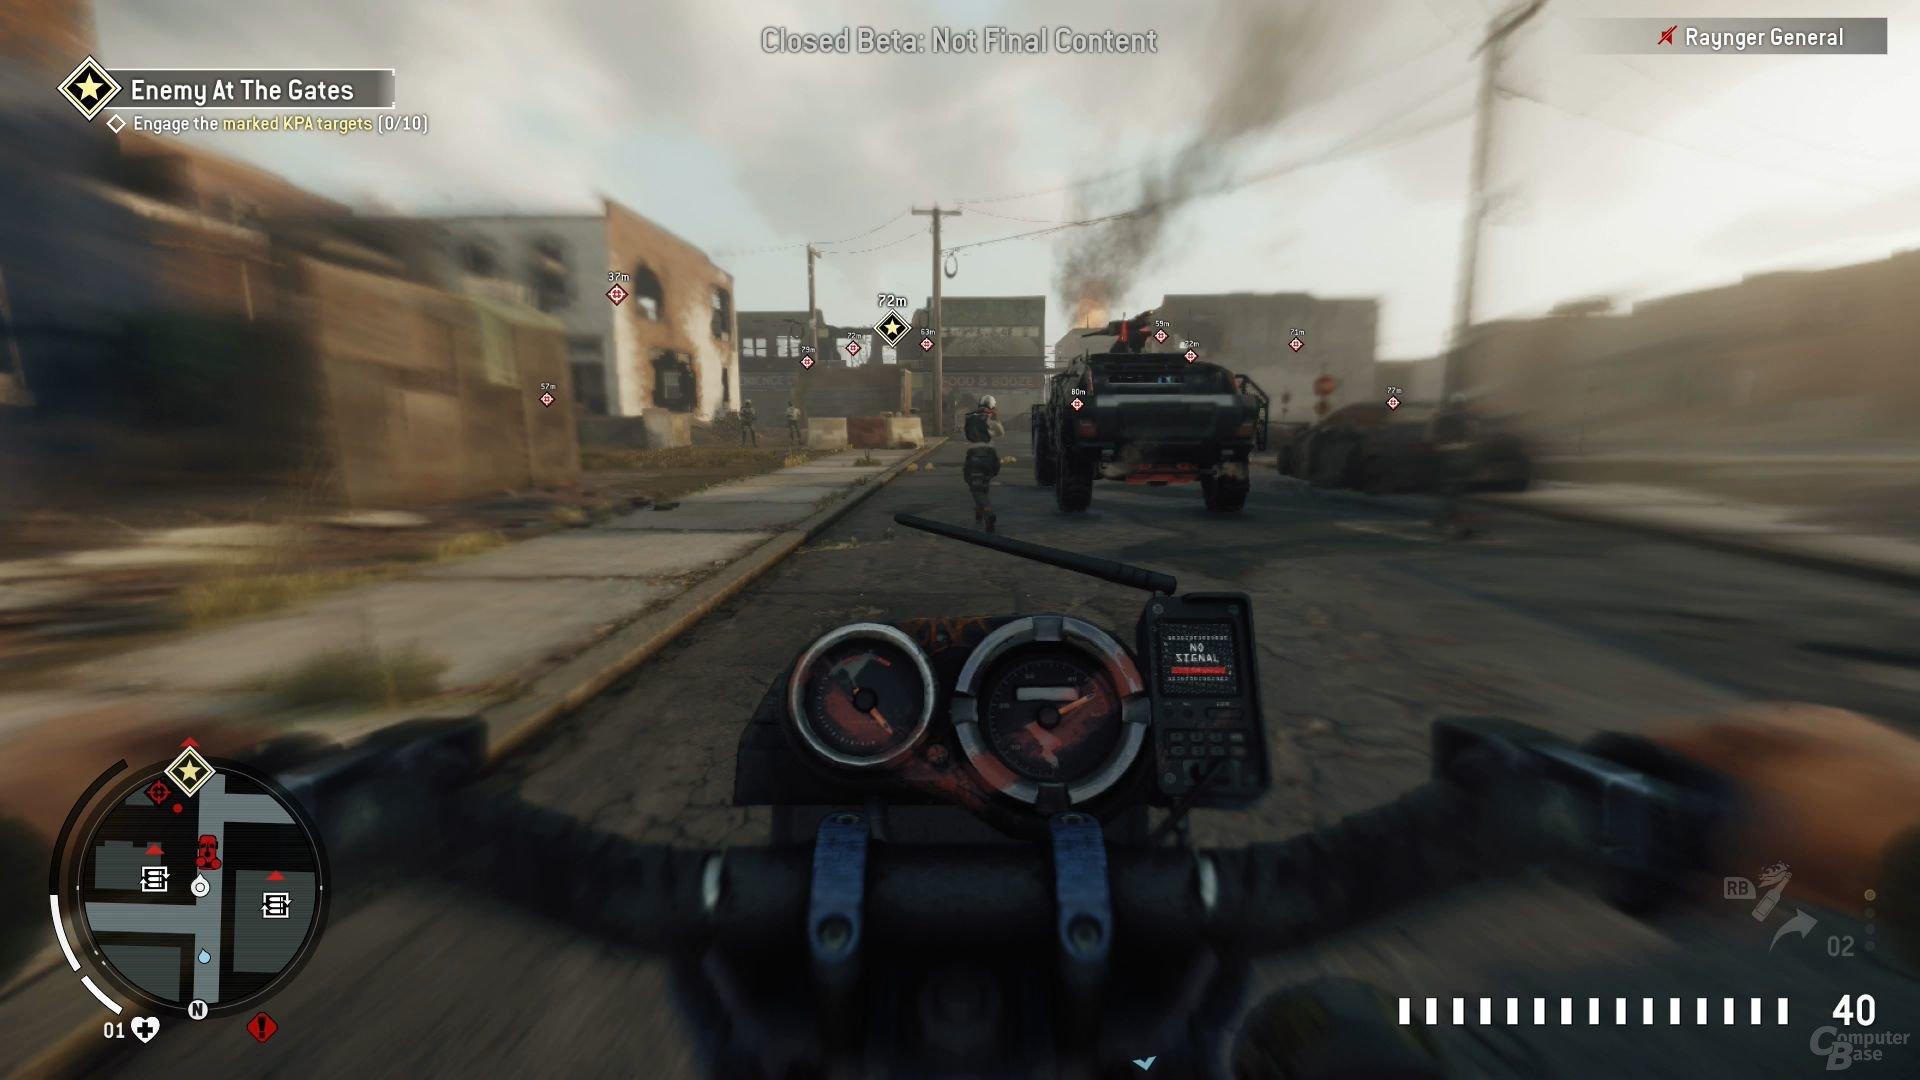 Eine kurze Motorradfahrt lockert die Mission auf